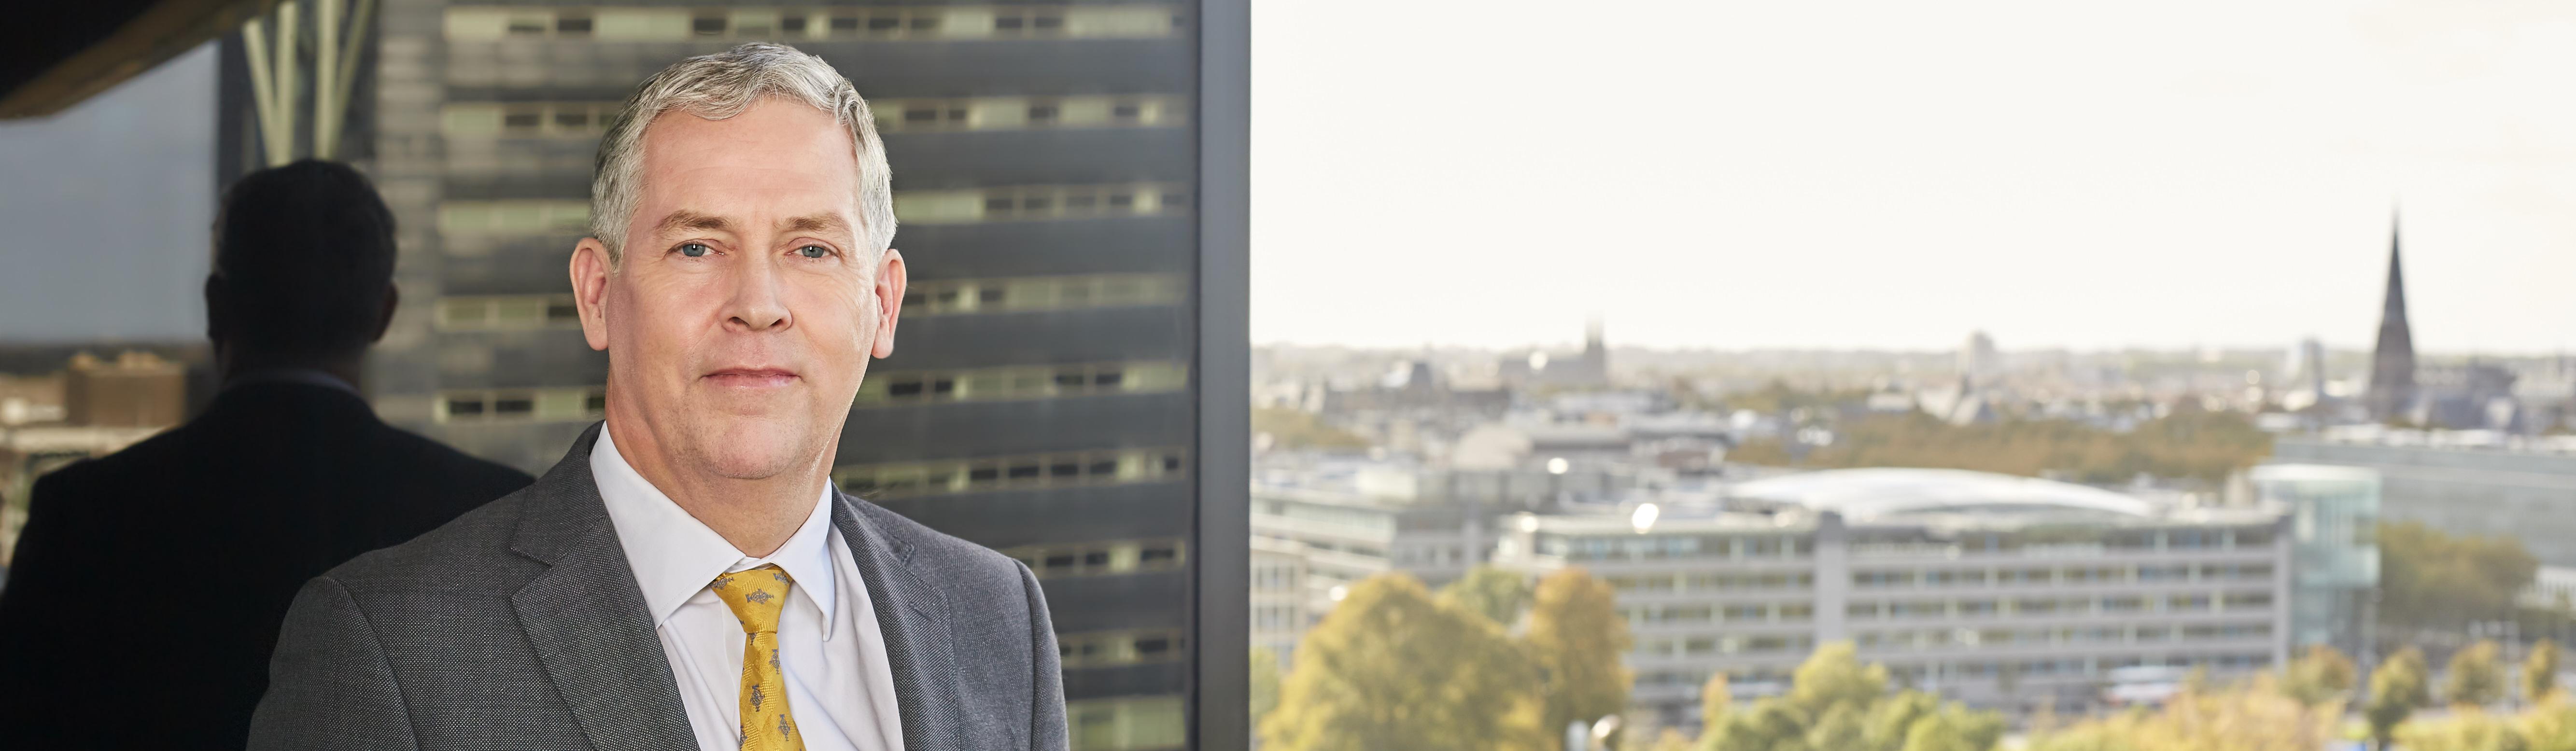 Cees de Zeeuw, notaris Pels Rijcken